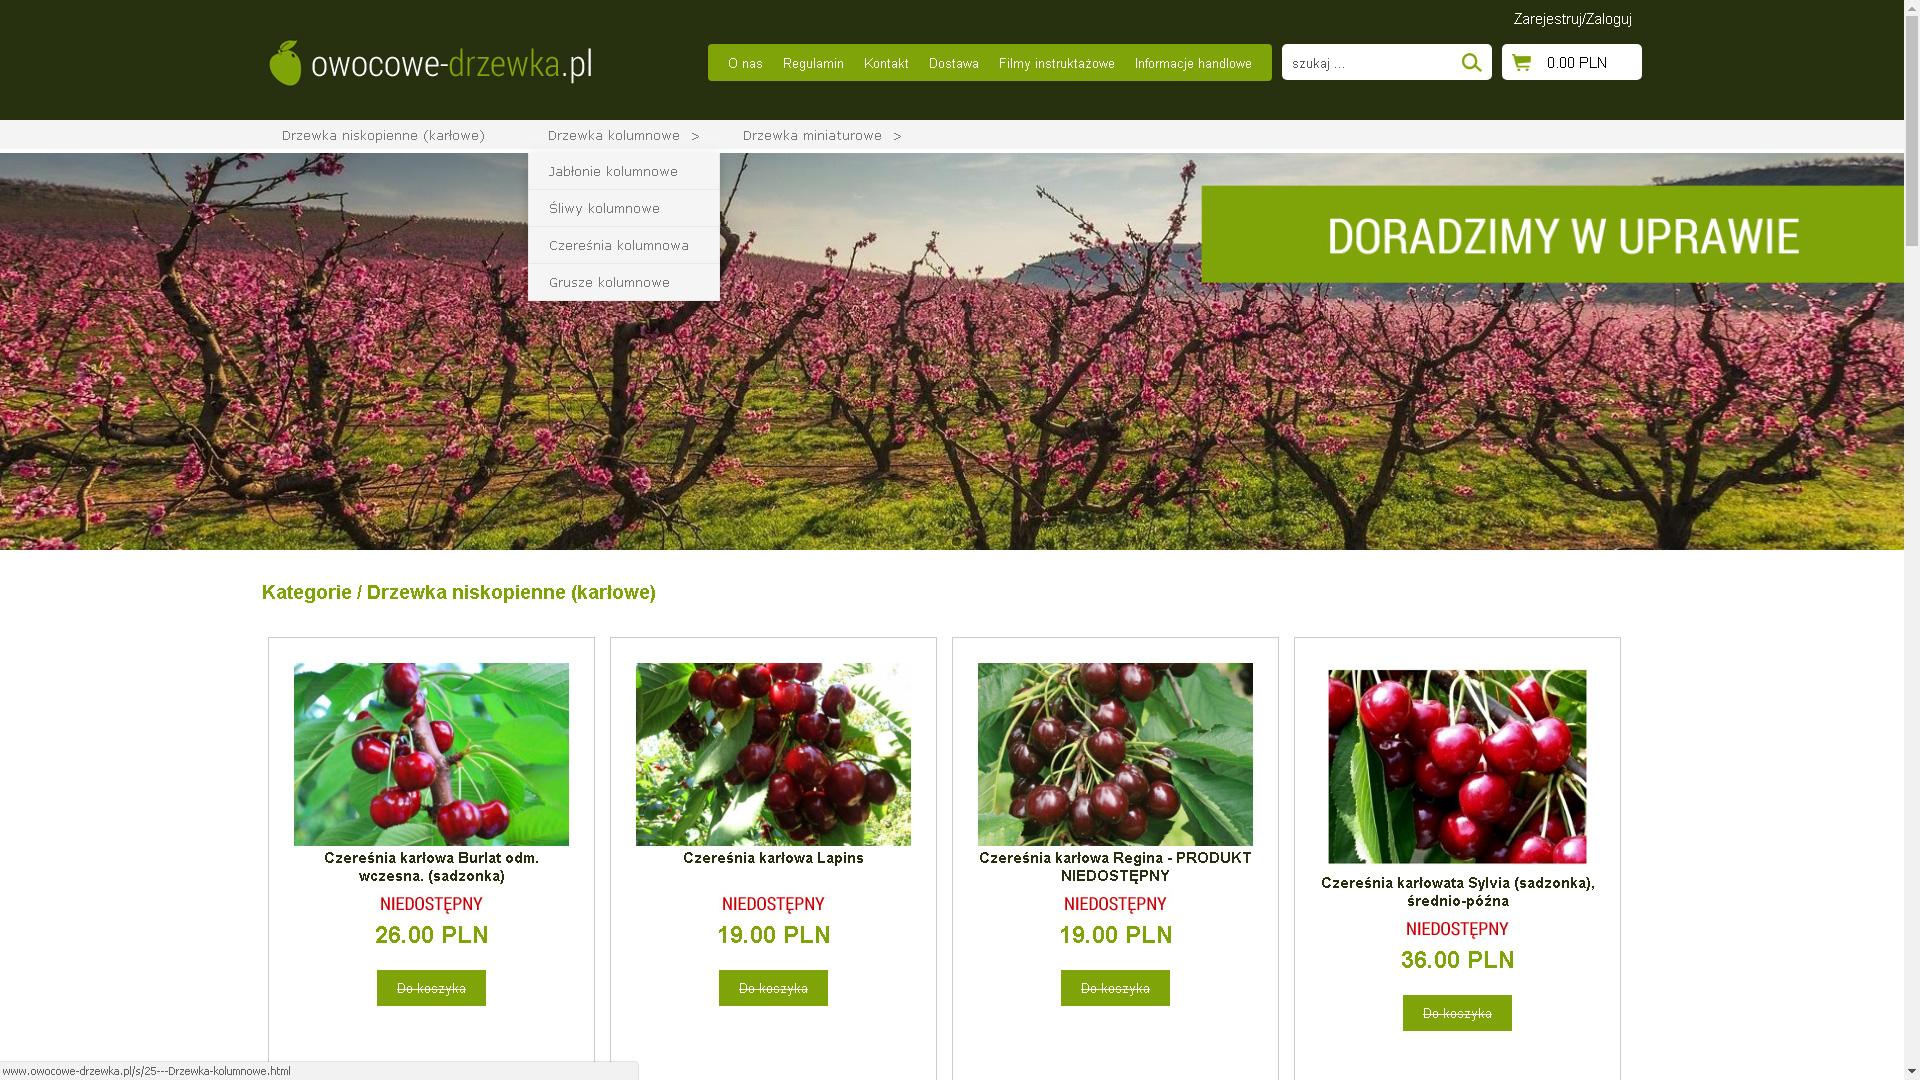 Realizacja www.owocowe-drzewka.pl